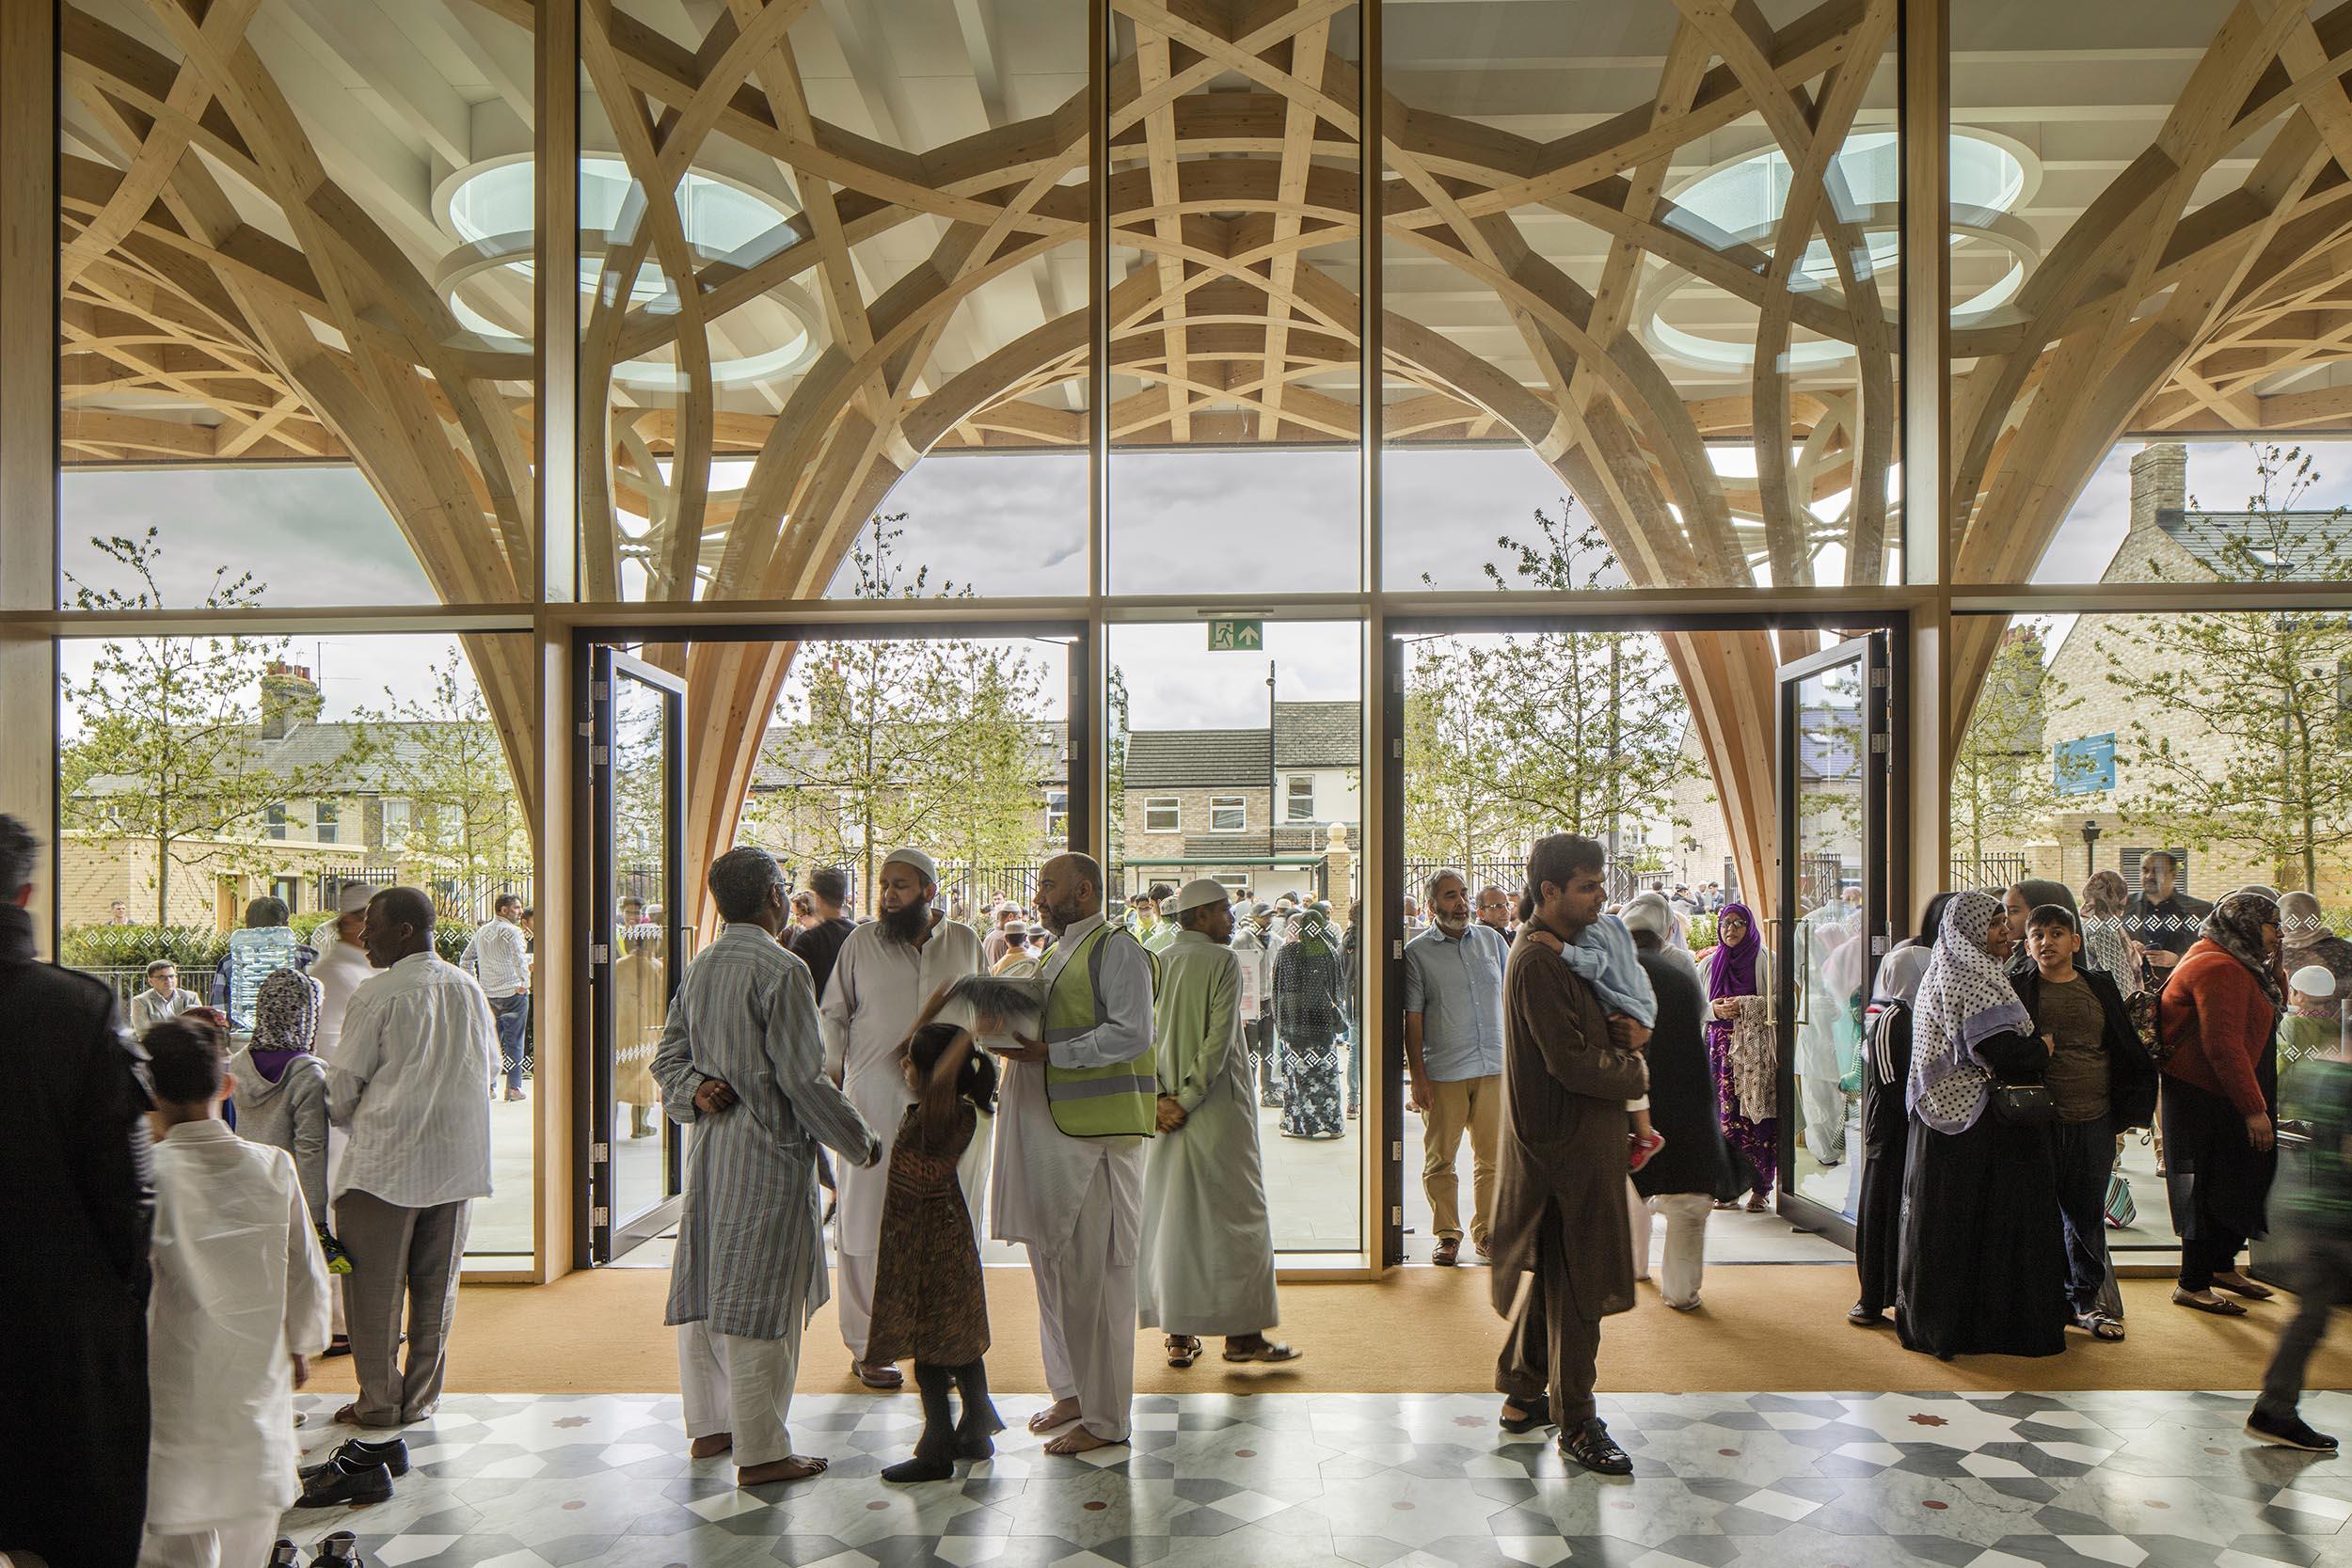 Atrium by Morley von Sternberg, Marks Barfield Architects